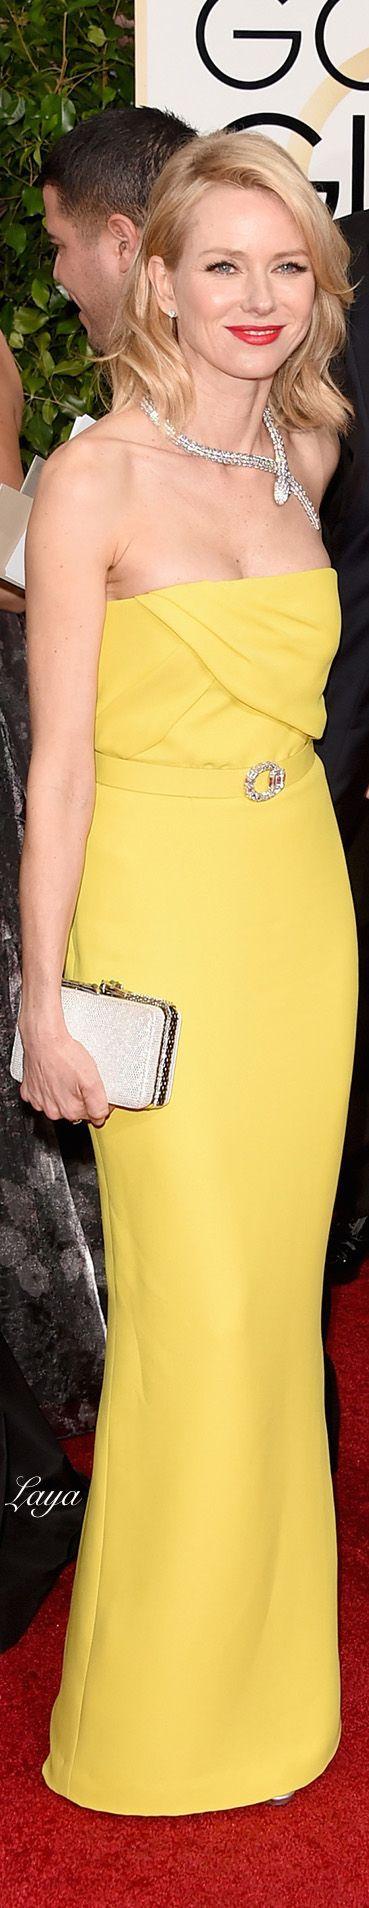 Naomi Watts, in Gucci, with Bulgari jewels and bag.